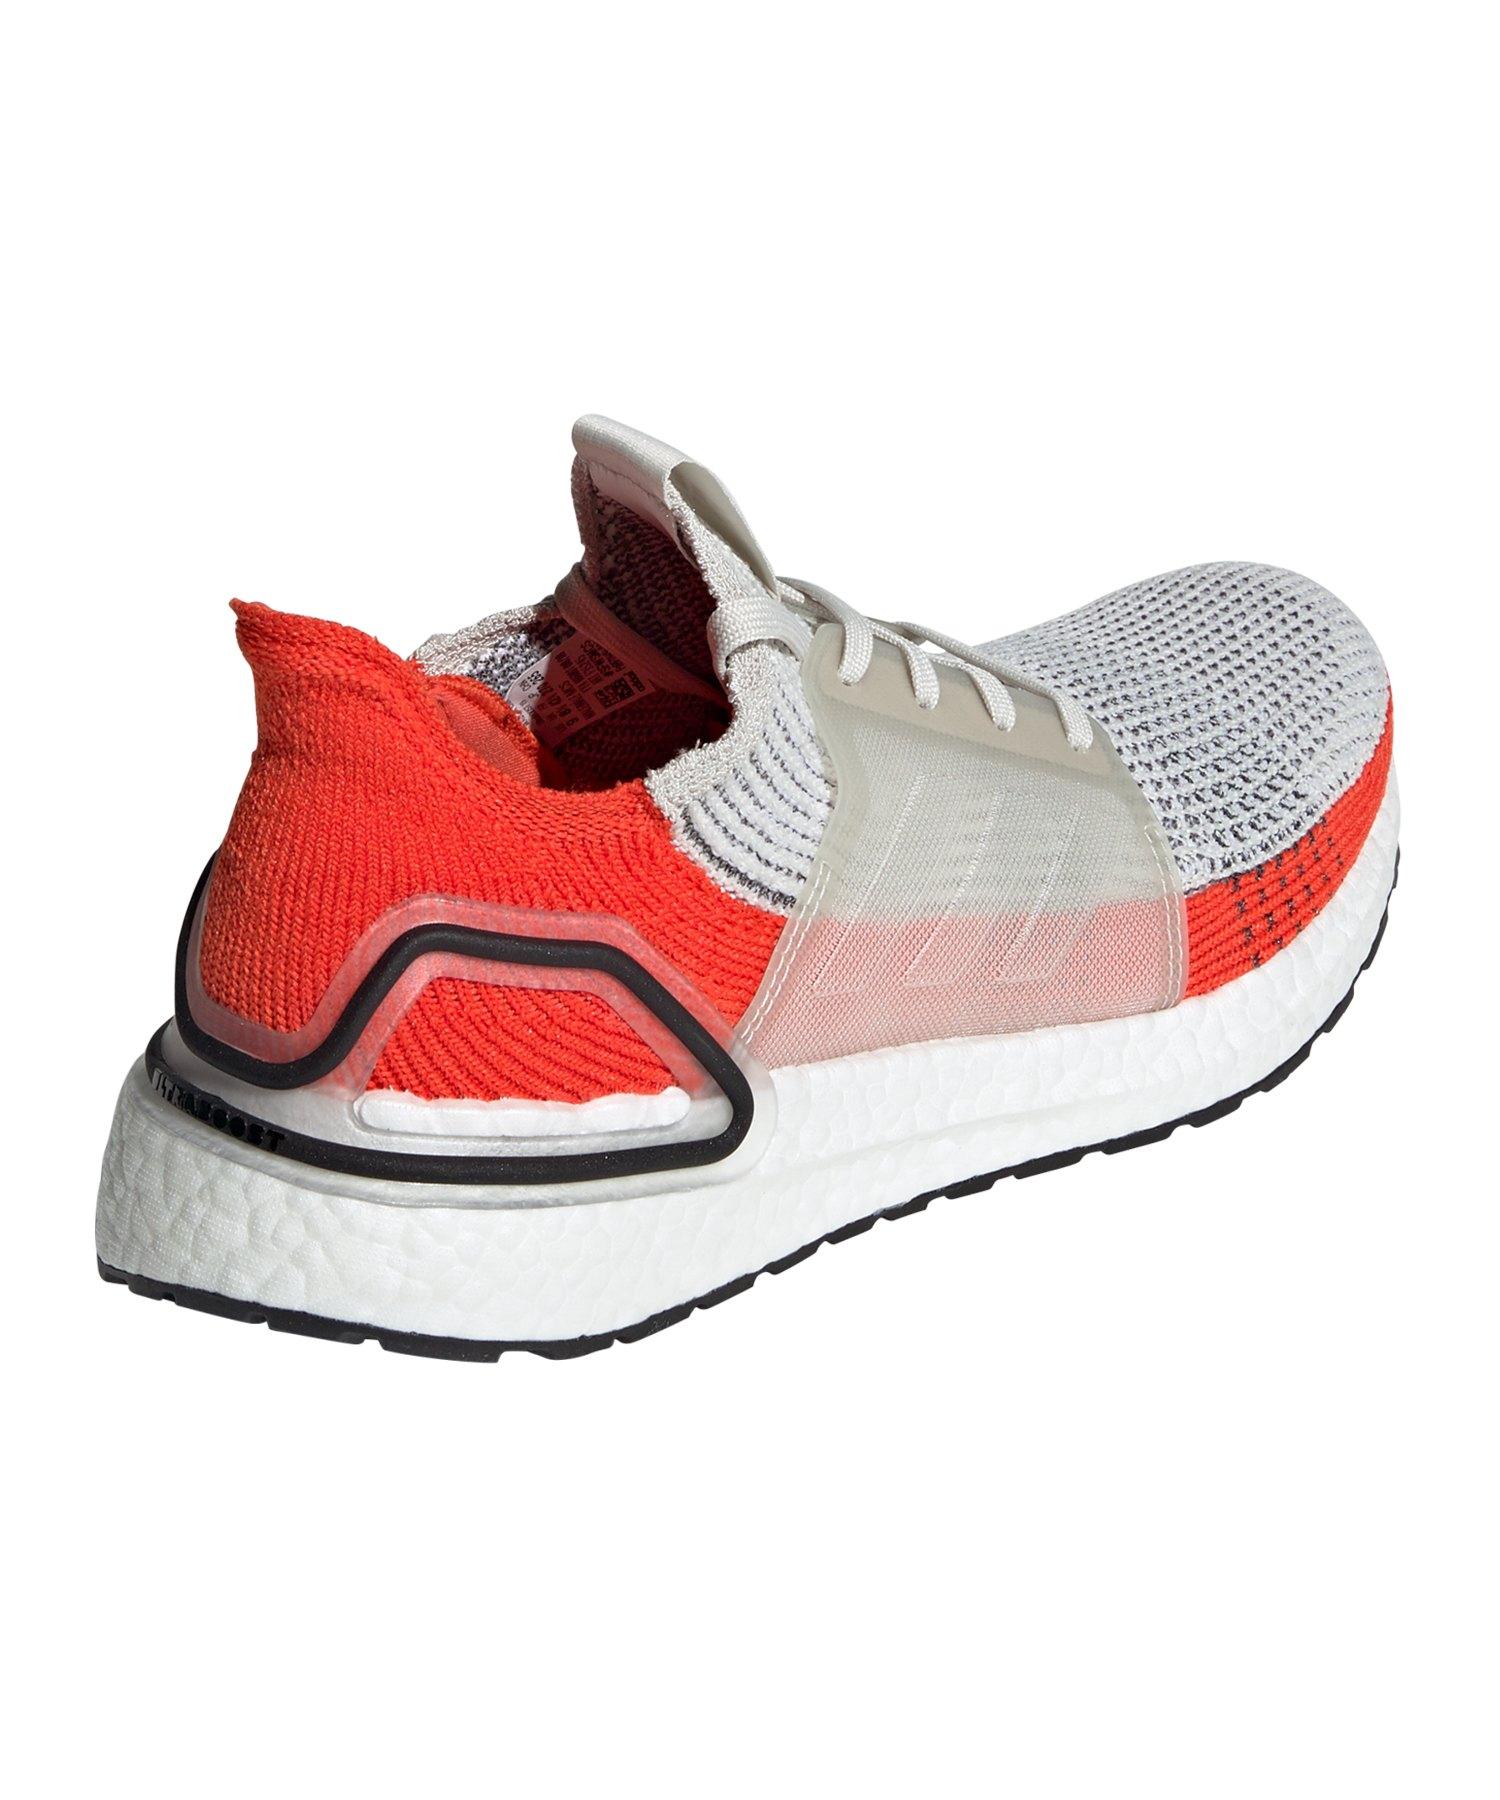 adidas ultra boost rot weiß